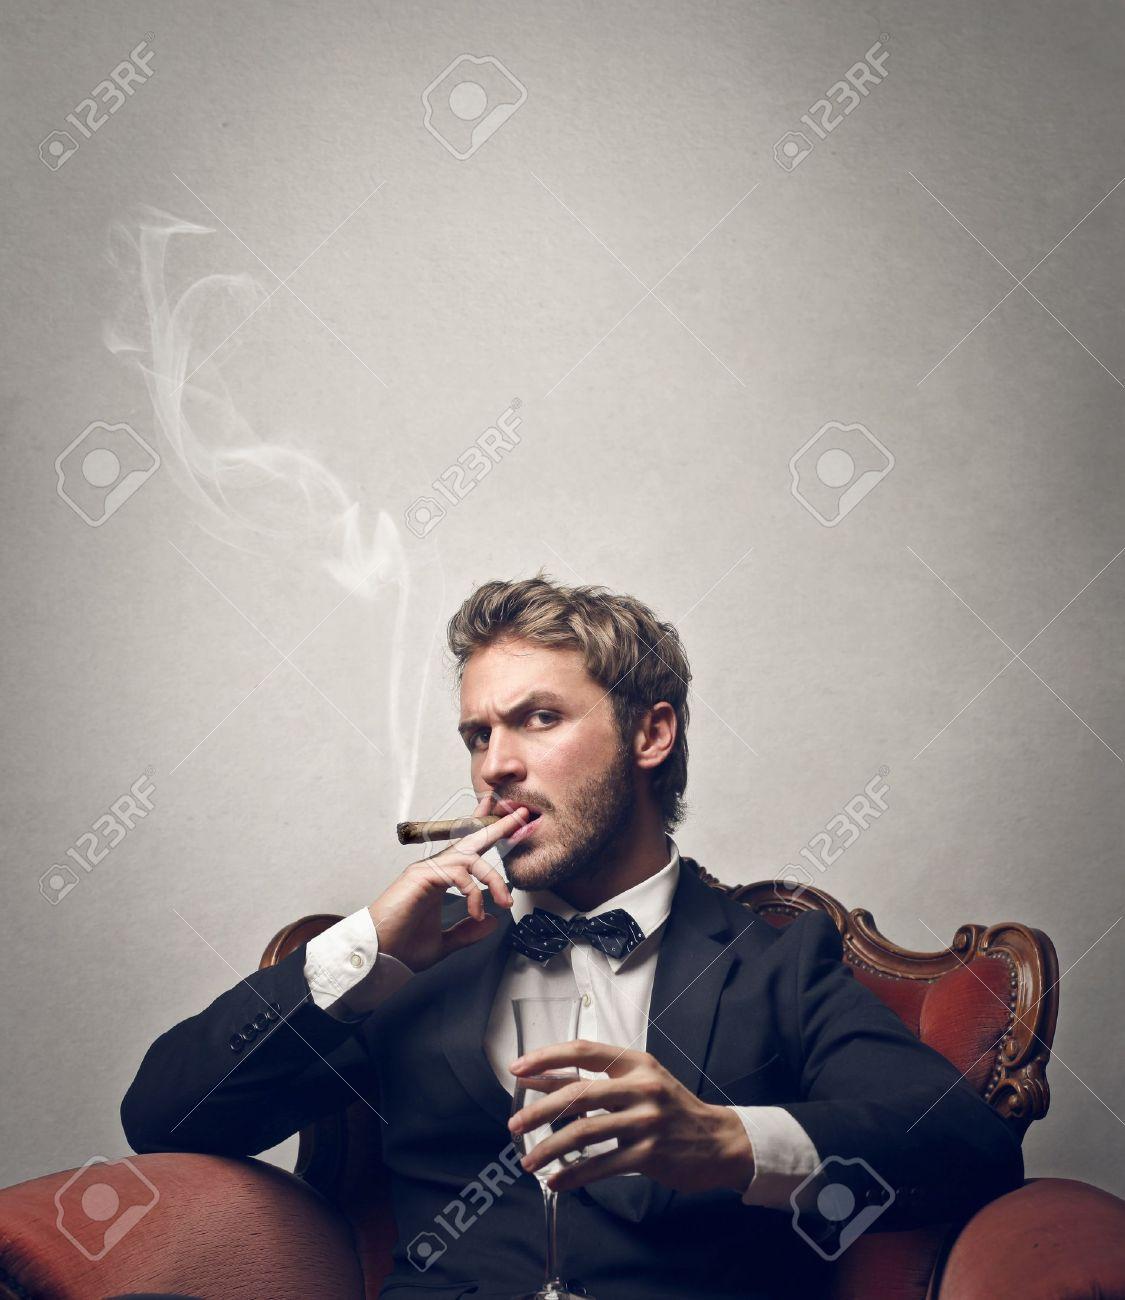 """Expresa tu momento """" in situ """" con una imagen - Página 39 18539383-jefe-fuma-cigarro-con-una-copa-de-champ%C3%A1n"""